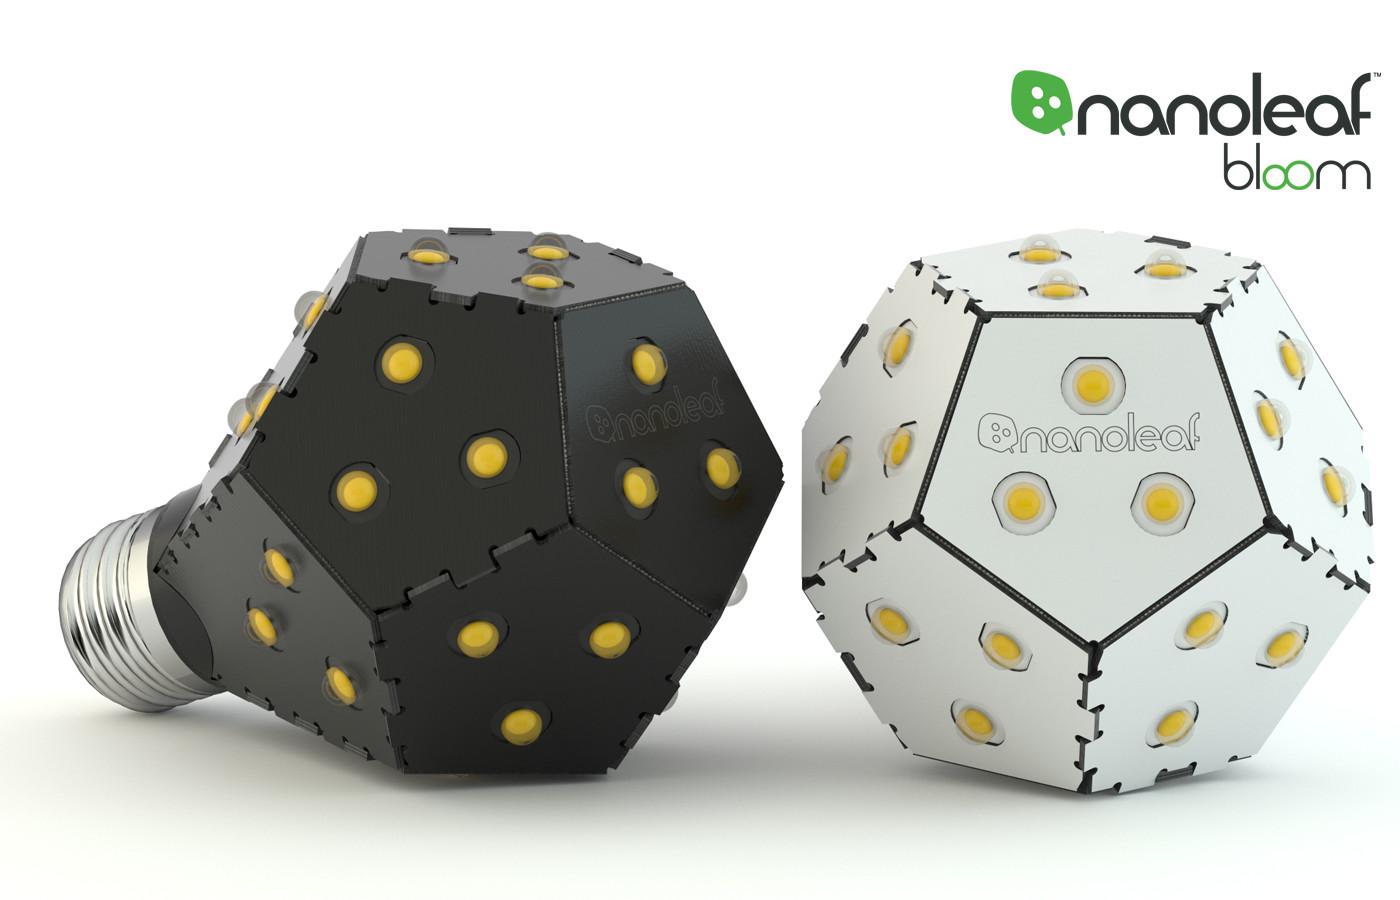 nanoleaf bloom ナノリーフ ブルーム ブラック LED電球 E26口径 1200ルーメン75W相当